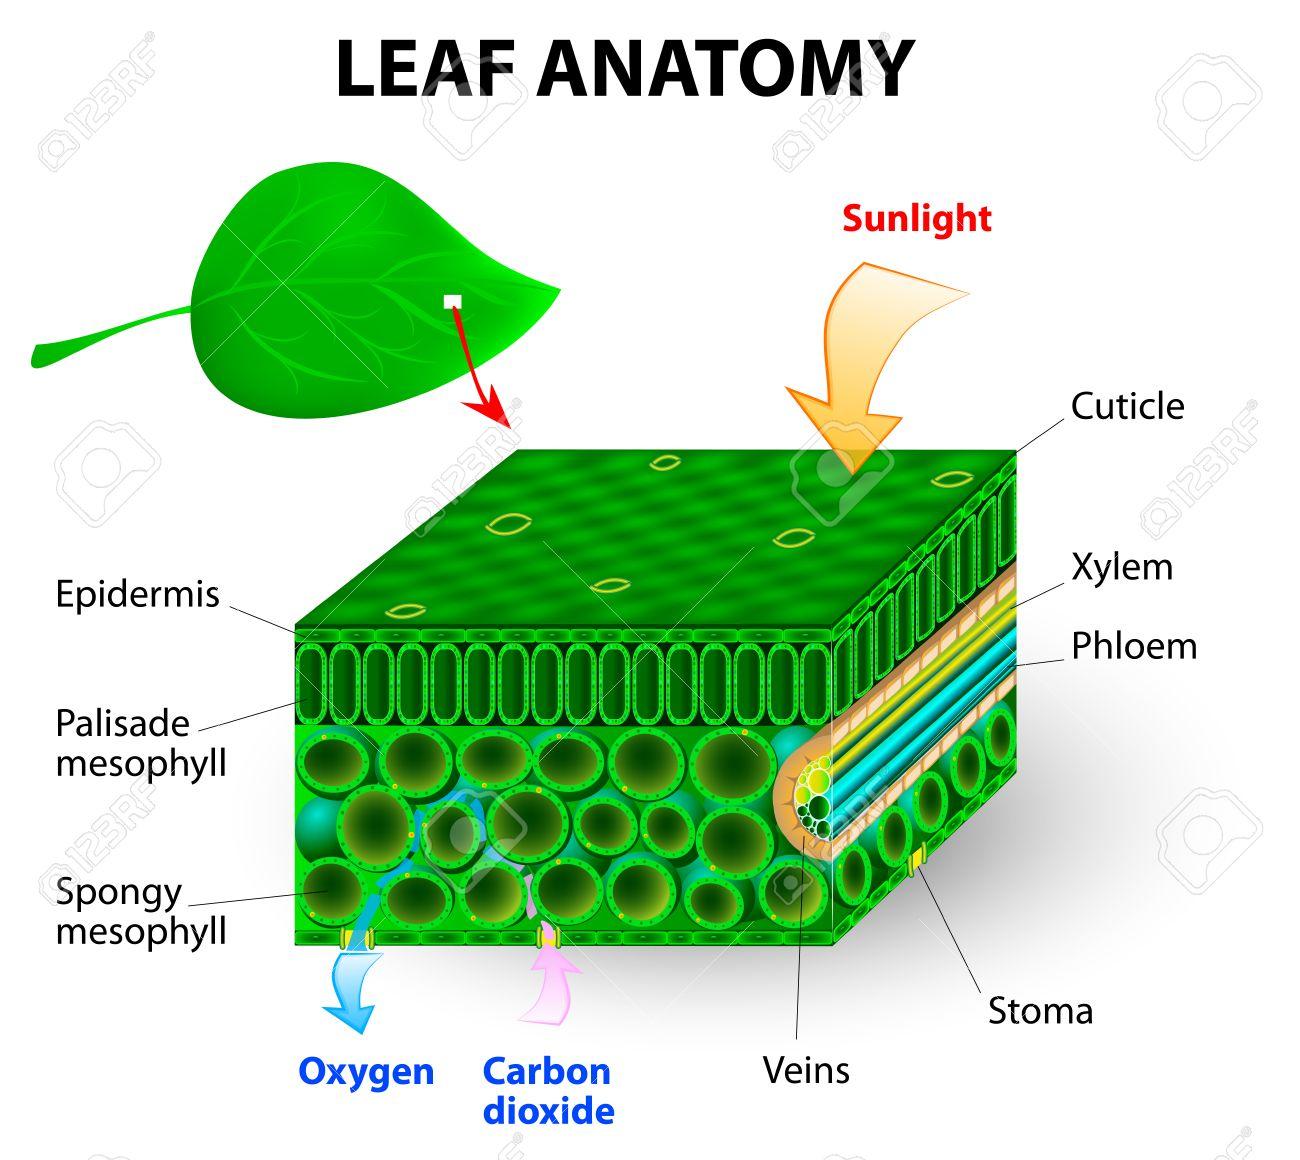 Lujo Anatomía De Una Morsa Ilustración - Imágenes de Anatomía Humana ...